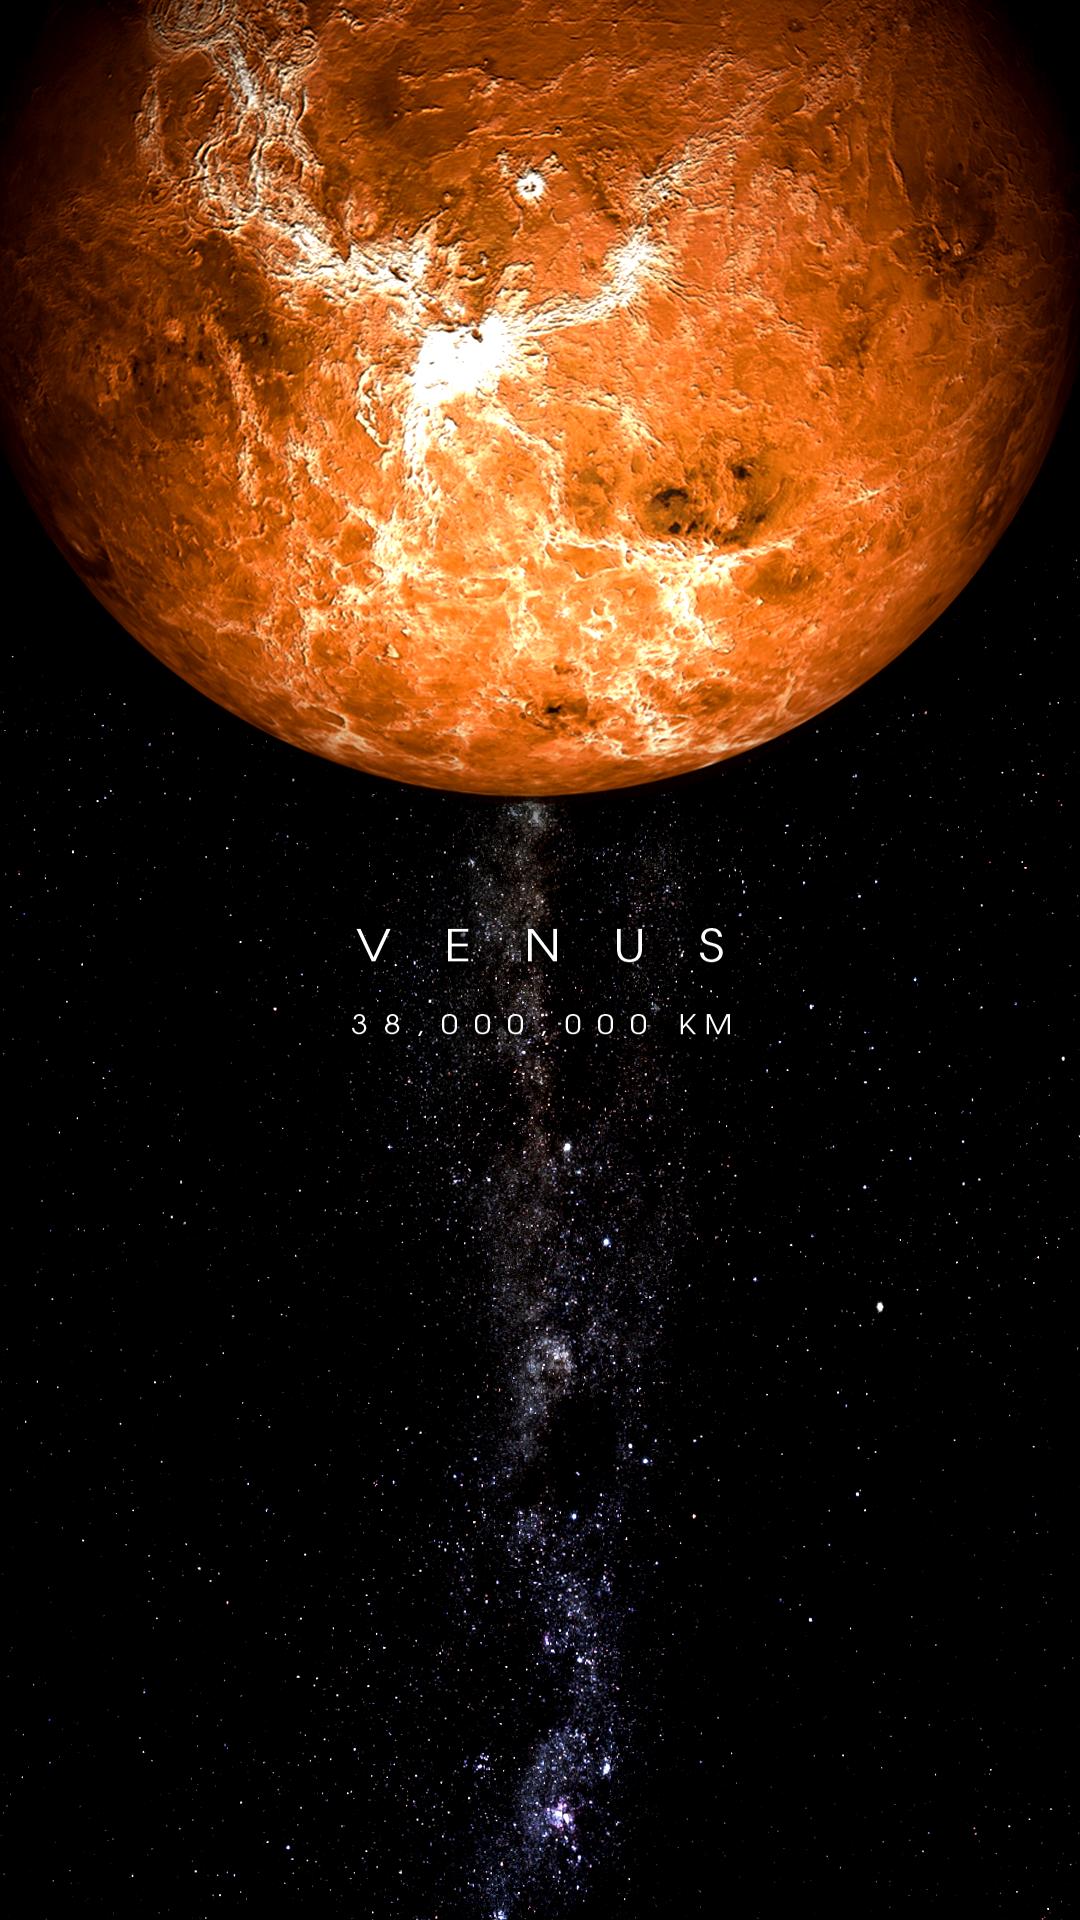 Pin De Toky Andrianina Em Space Espaco E Astronomia Sobre Planetas Espacos De Arte